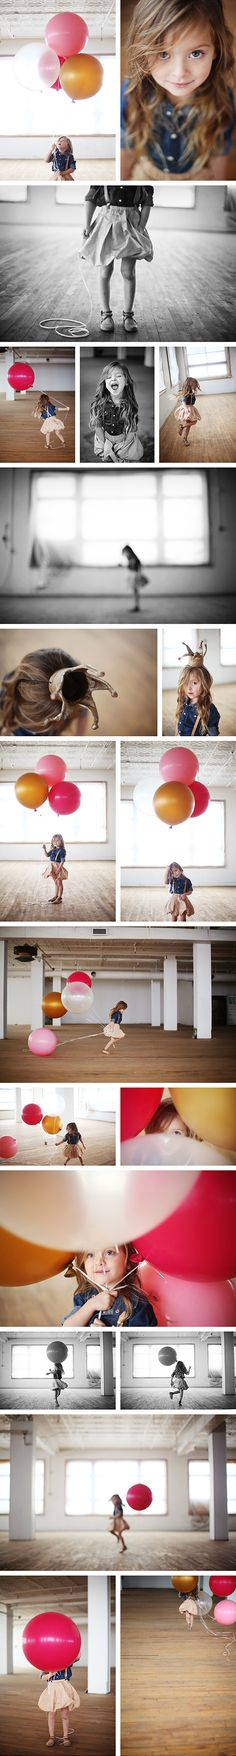 I want to do a princess photoshoot!